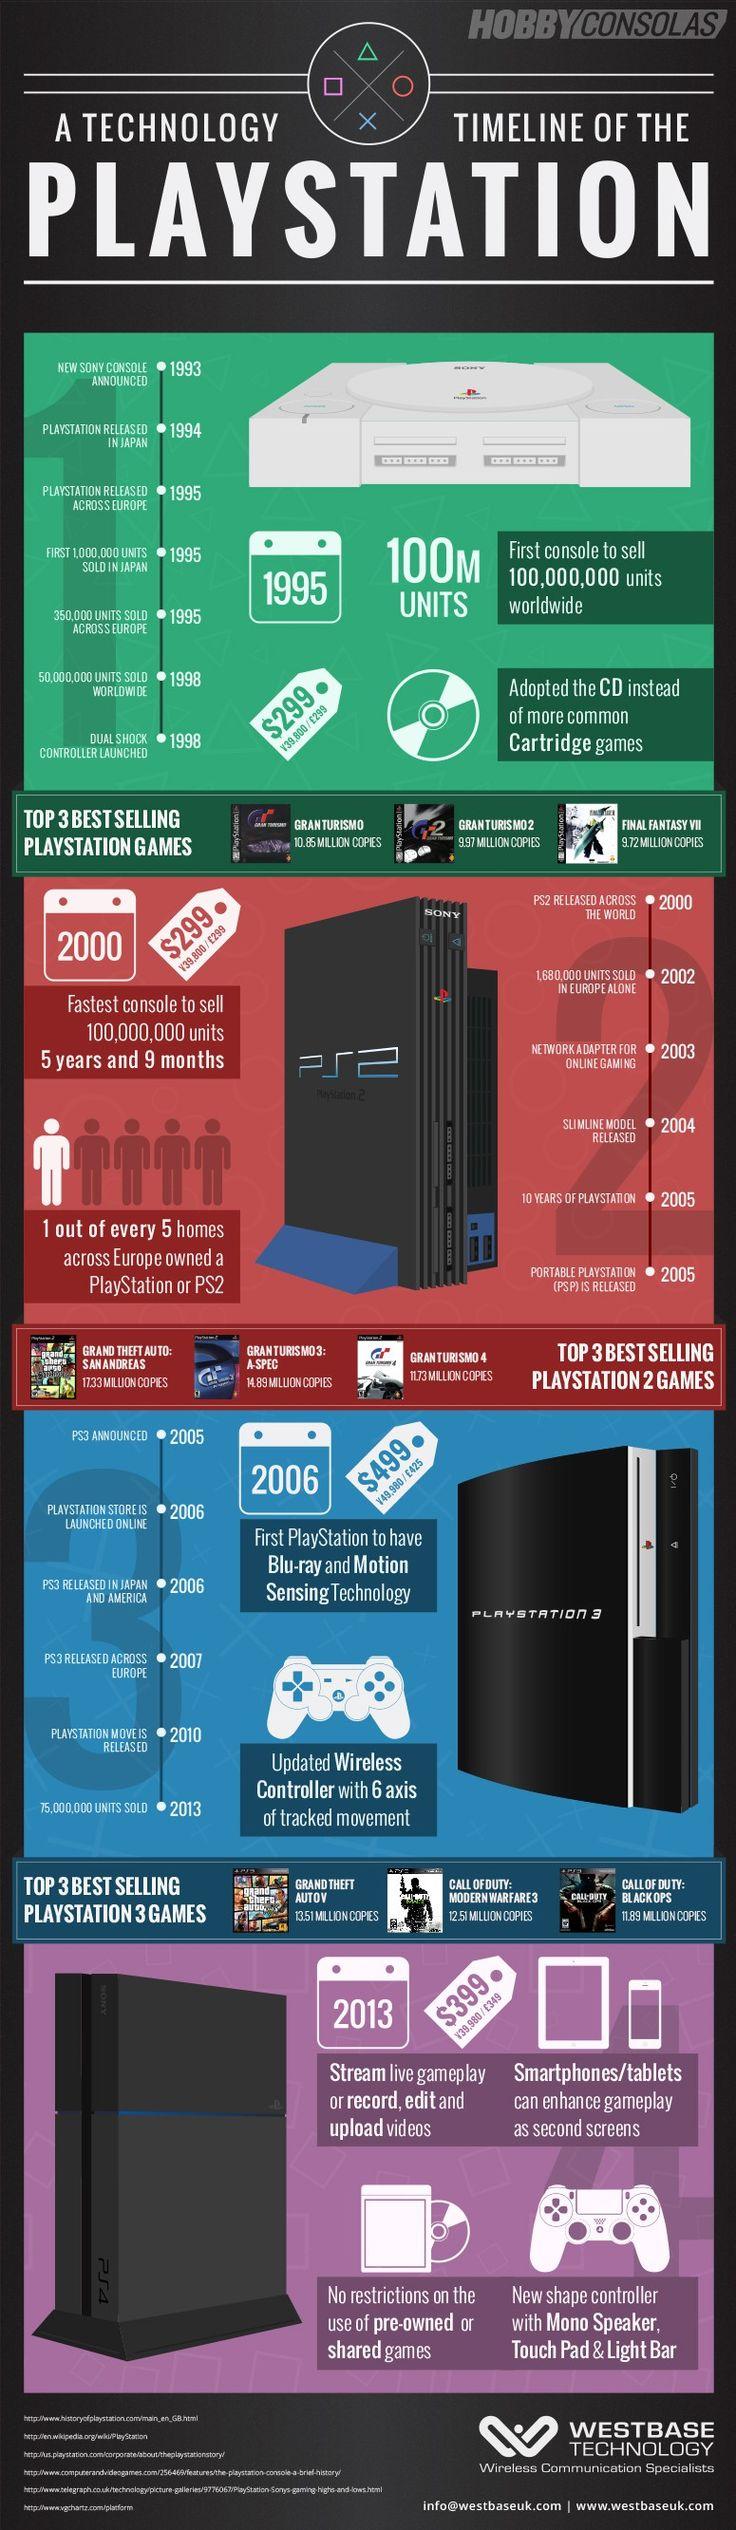 La historia de las consolas PlayStation en una infografía - Hobbyconsolas.com